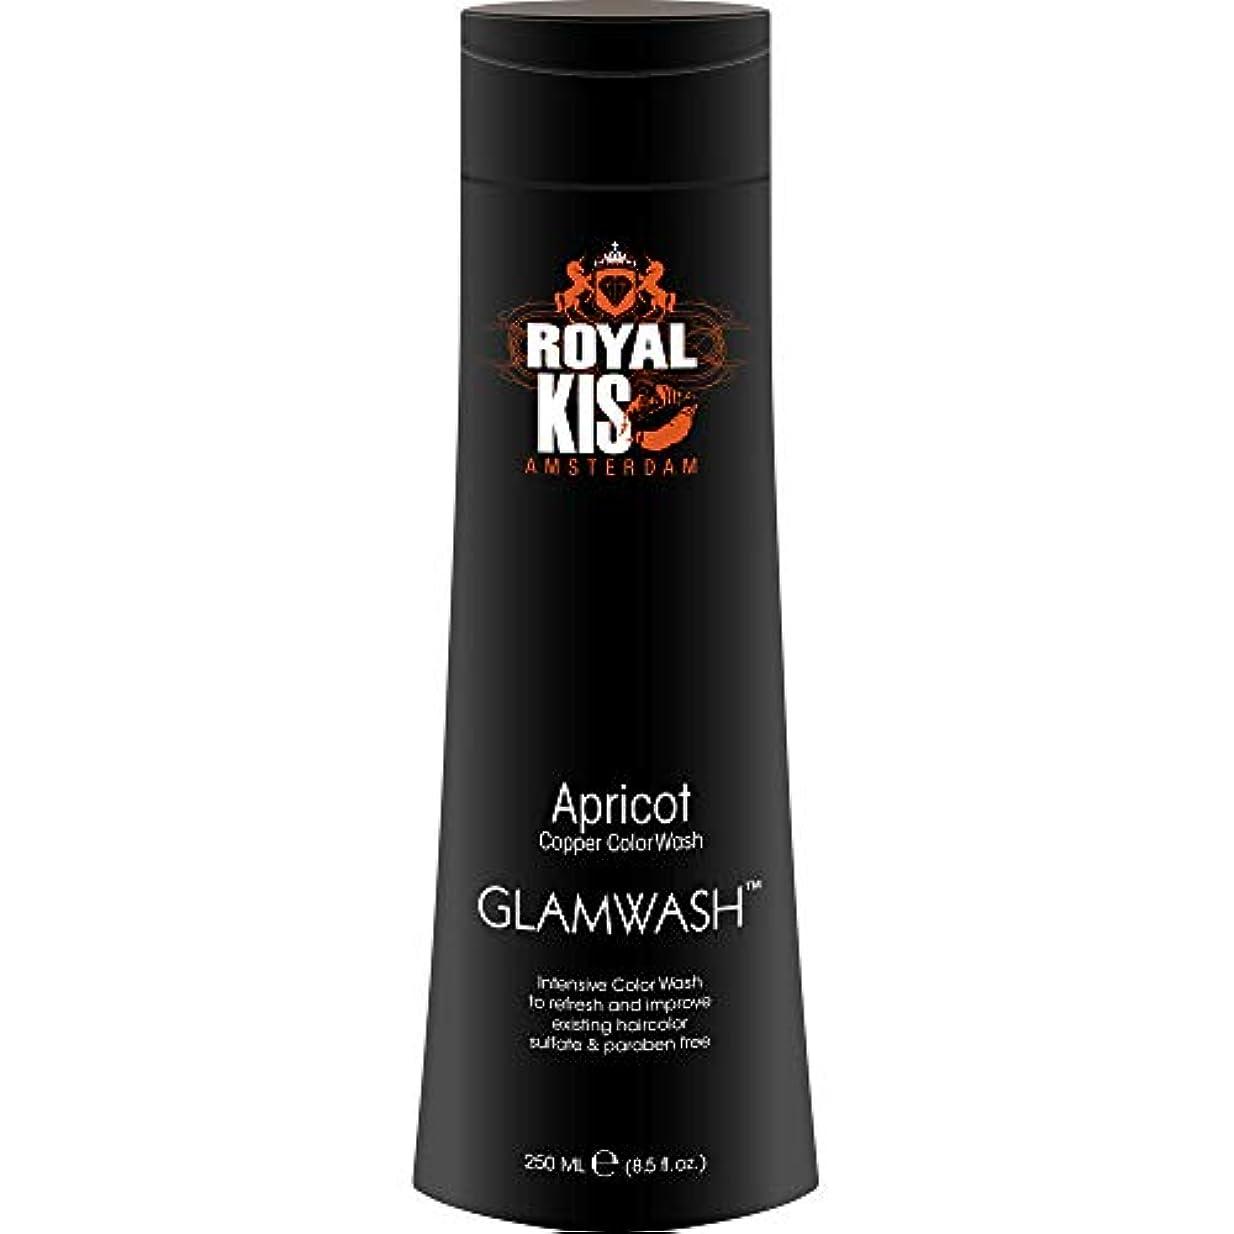 ばか考慮断片Kappers Kis GlamWash アプリコット(銅)-250mlインテンスカラーウォッシュ